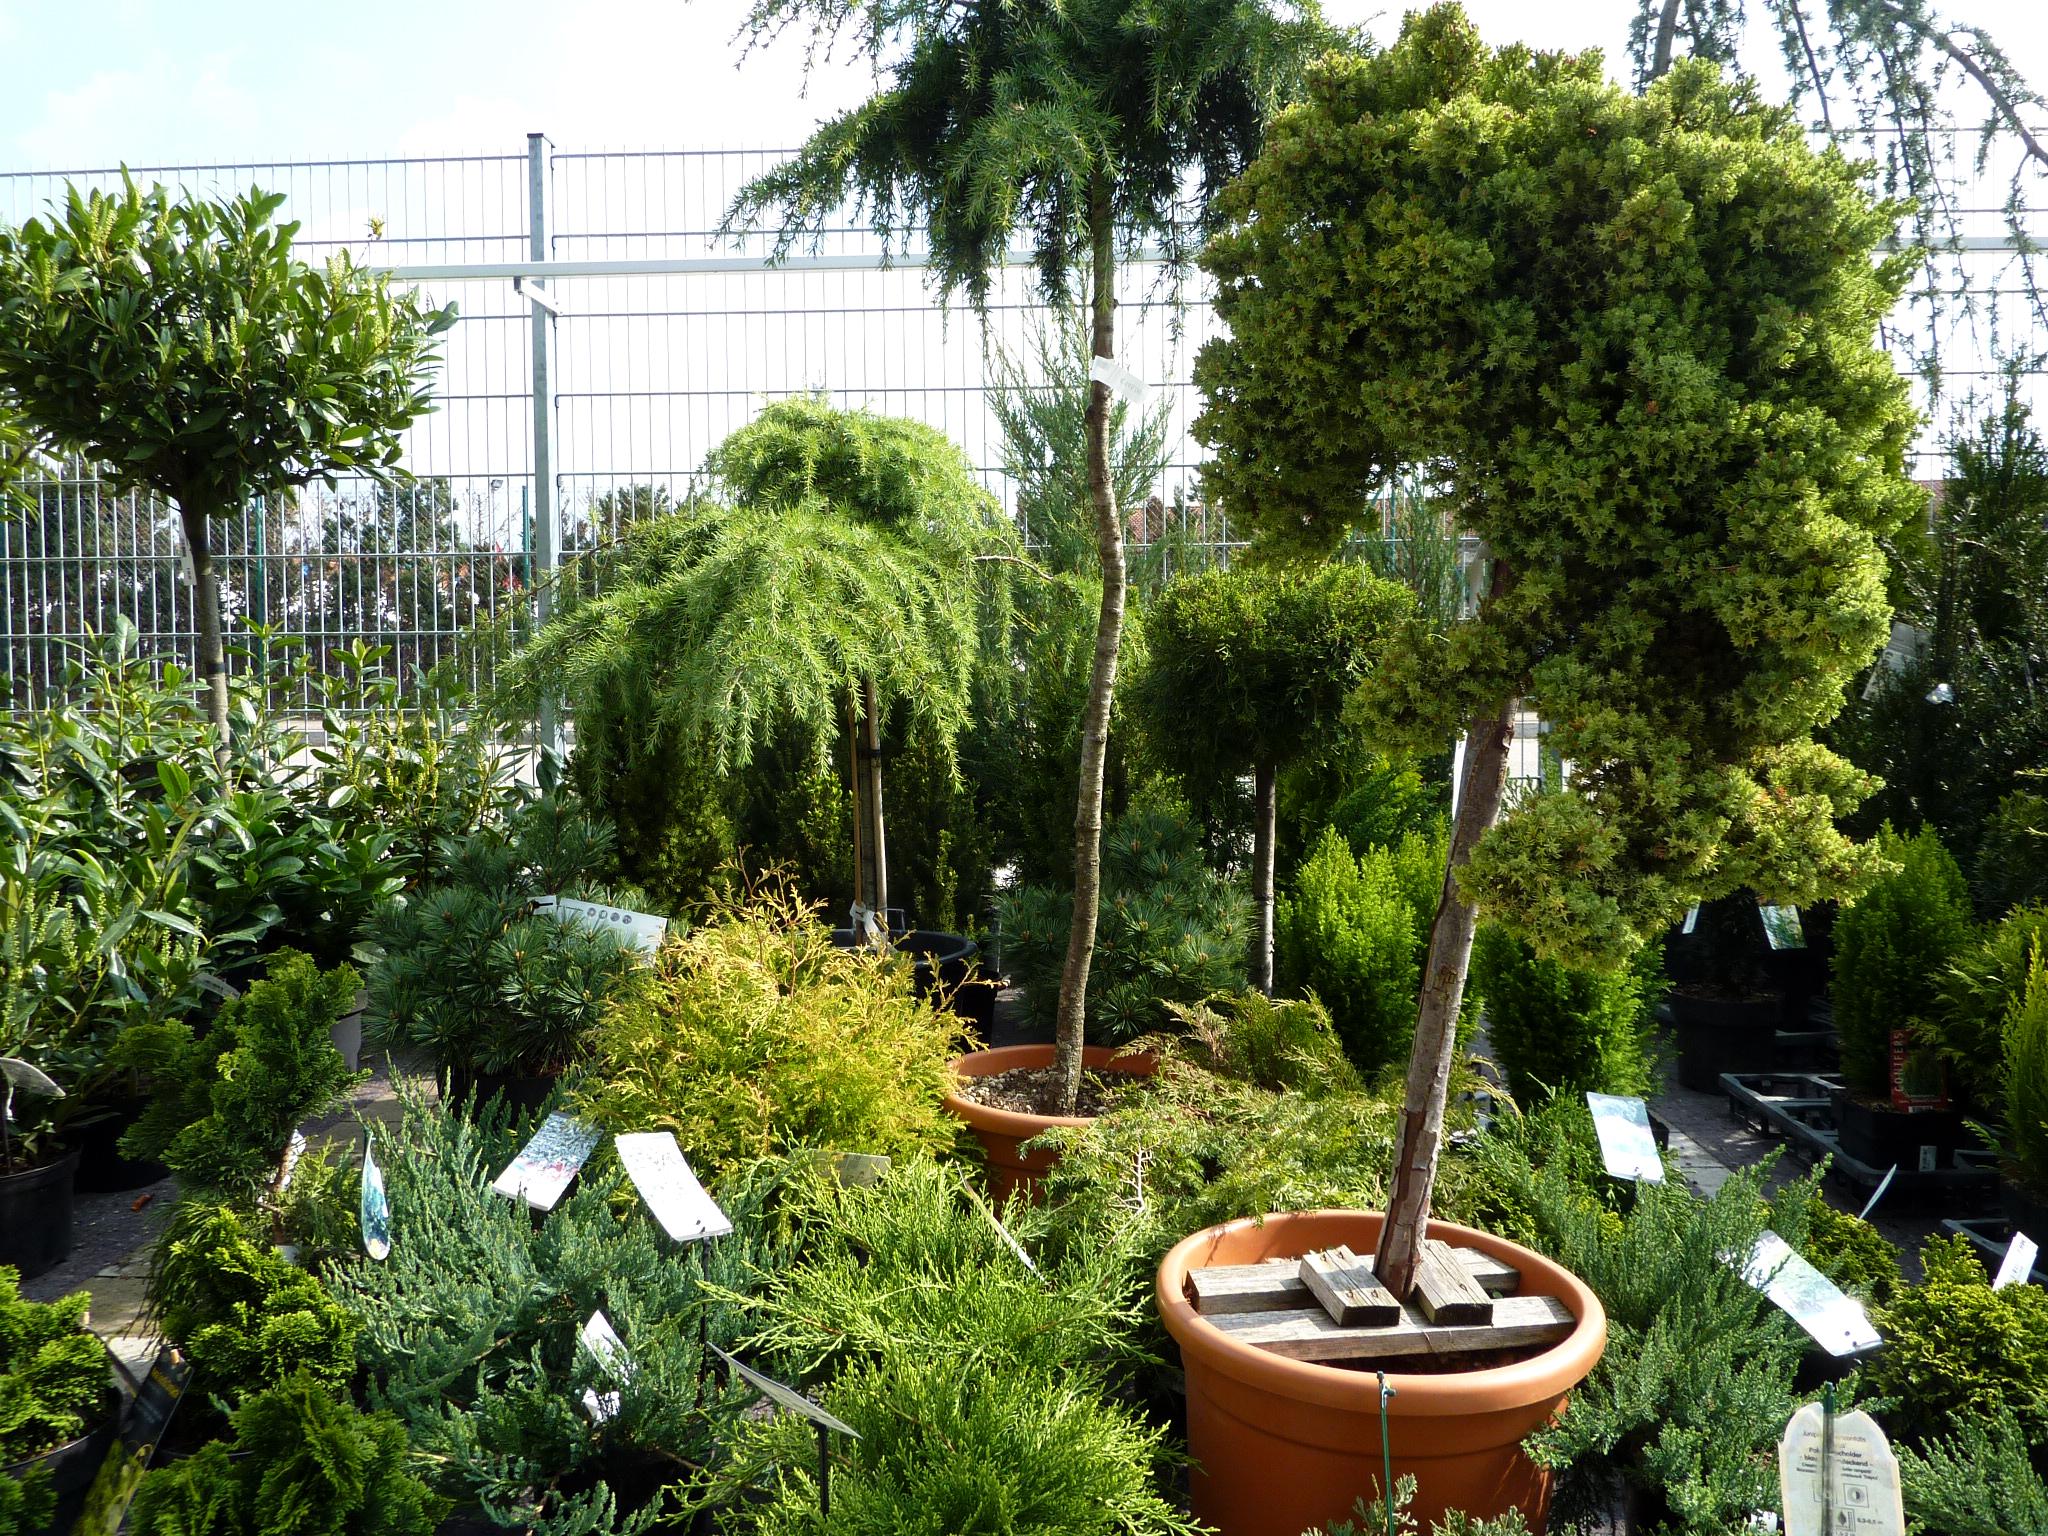 gartenpflanzen - gärtnerei unflath - Gartenpflanzen